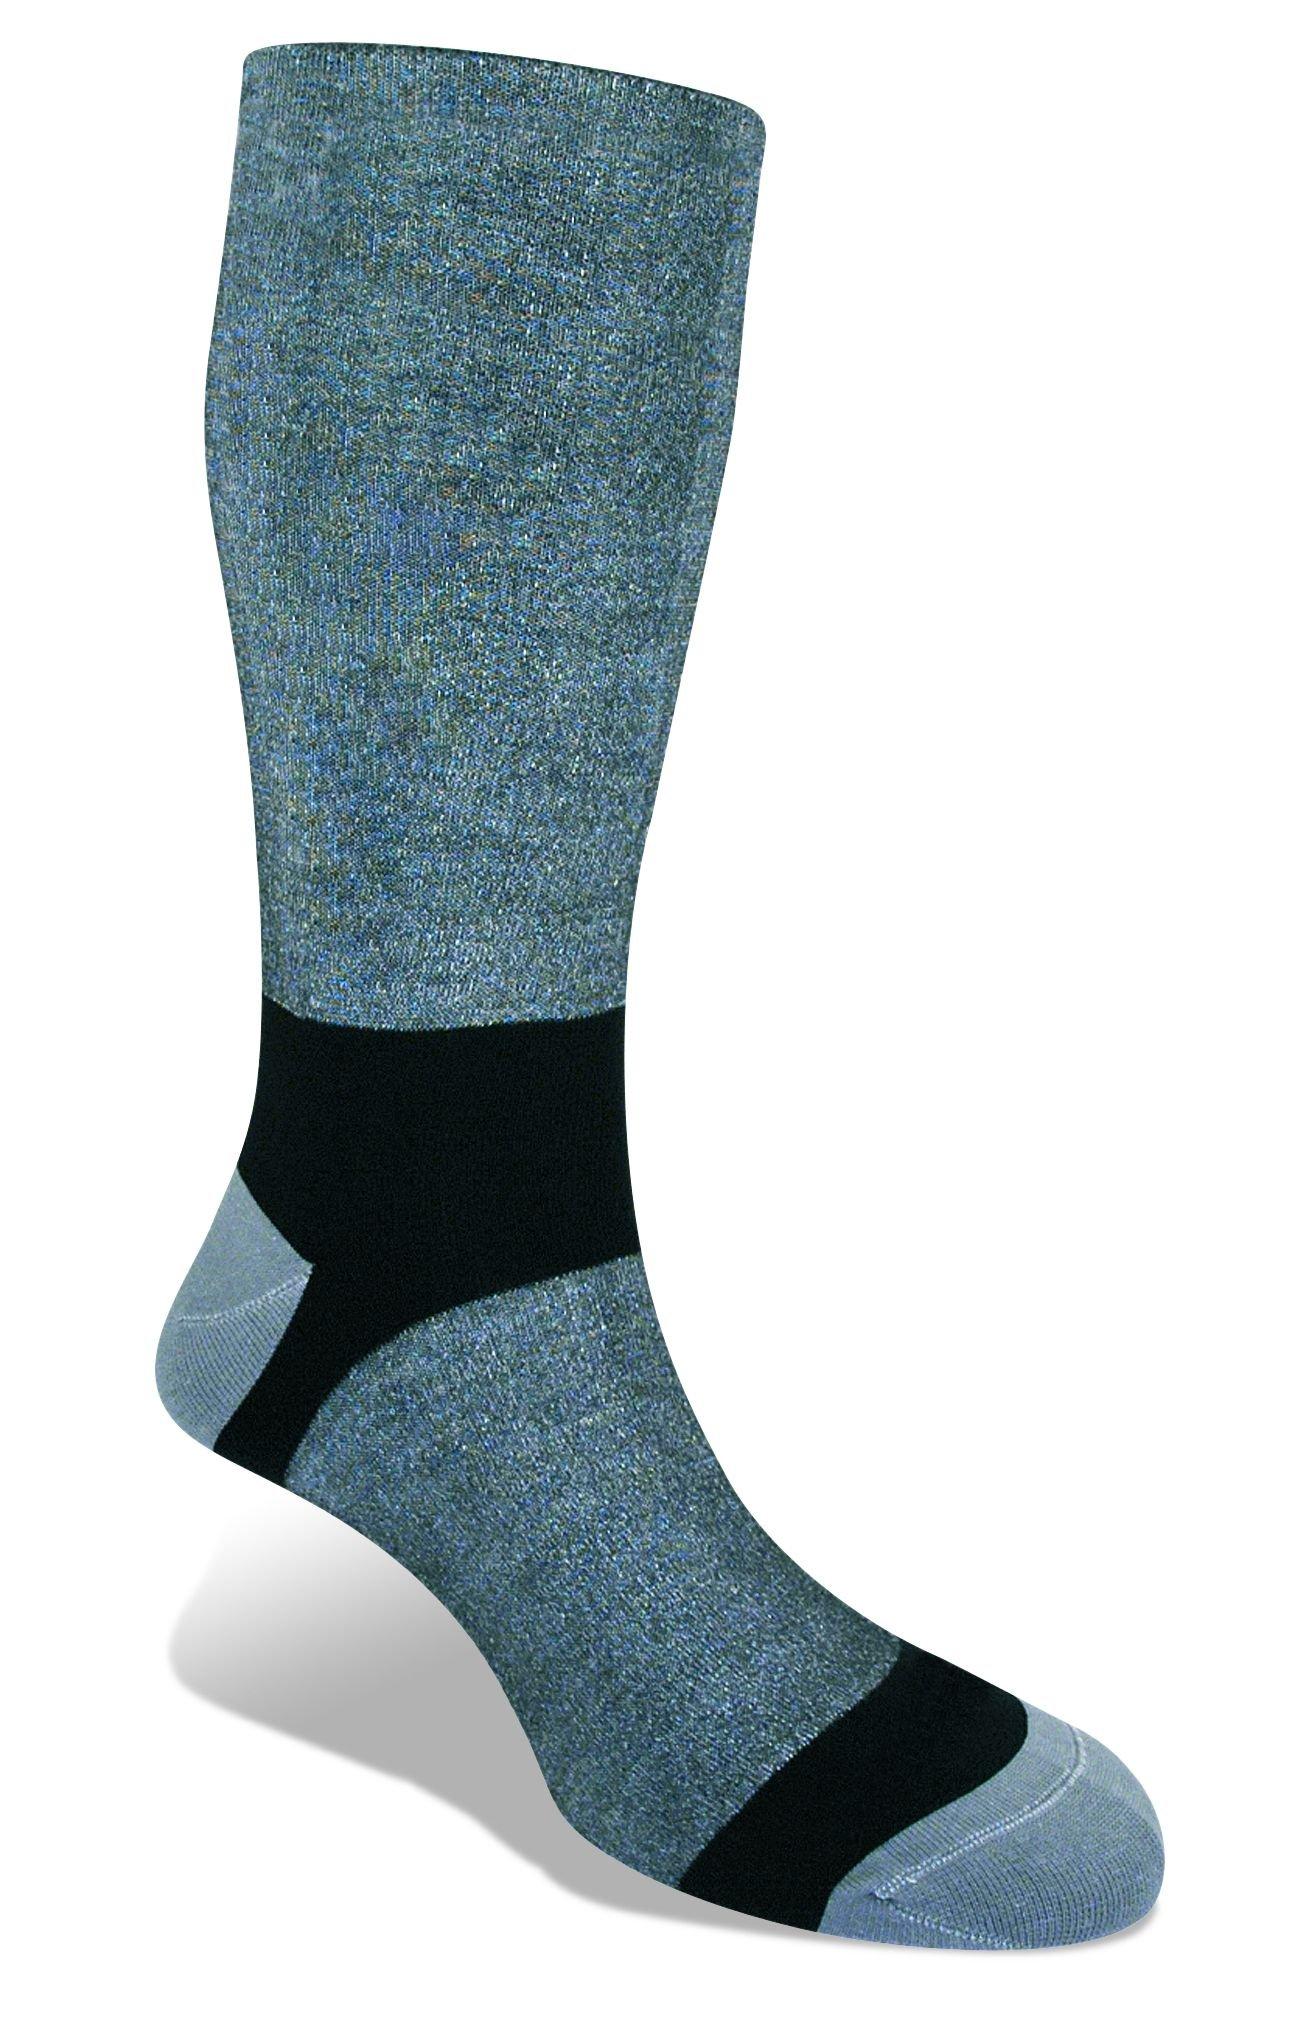 Bridgedale Ultralight Coolmax Liner Socks (2-Pack), Grey, Small by Bridgedale